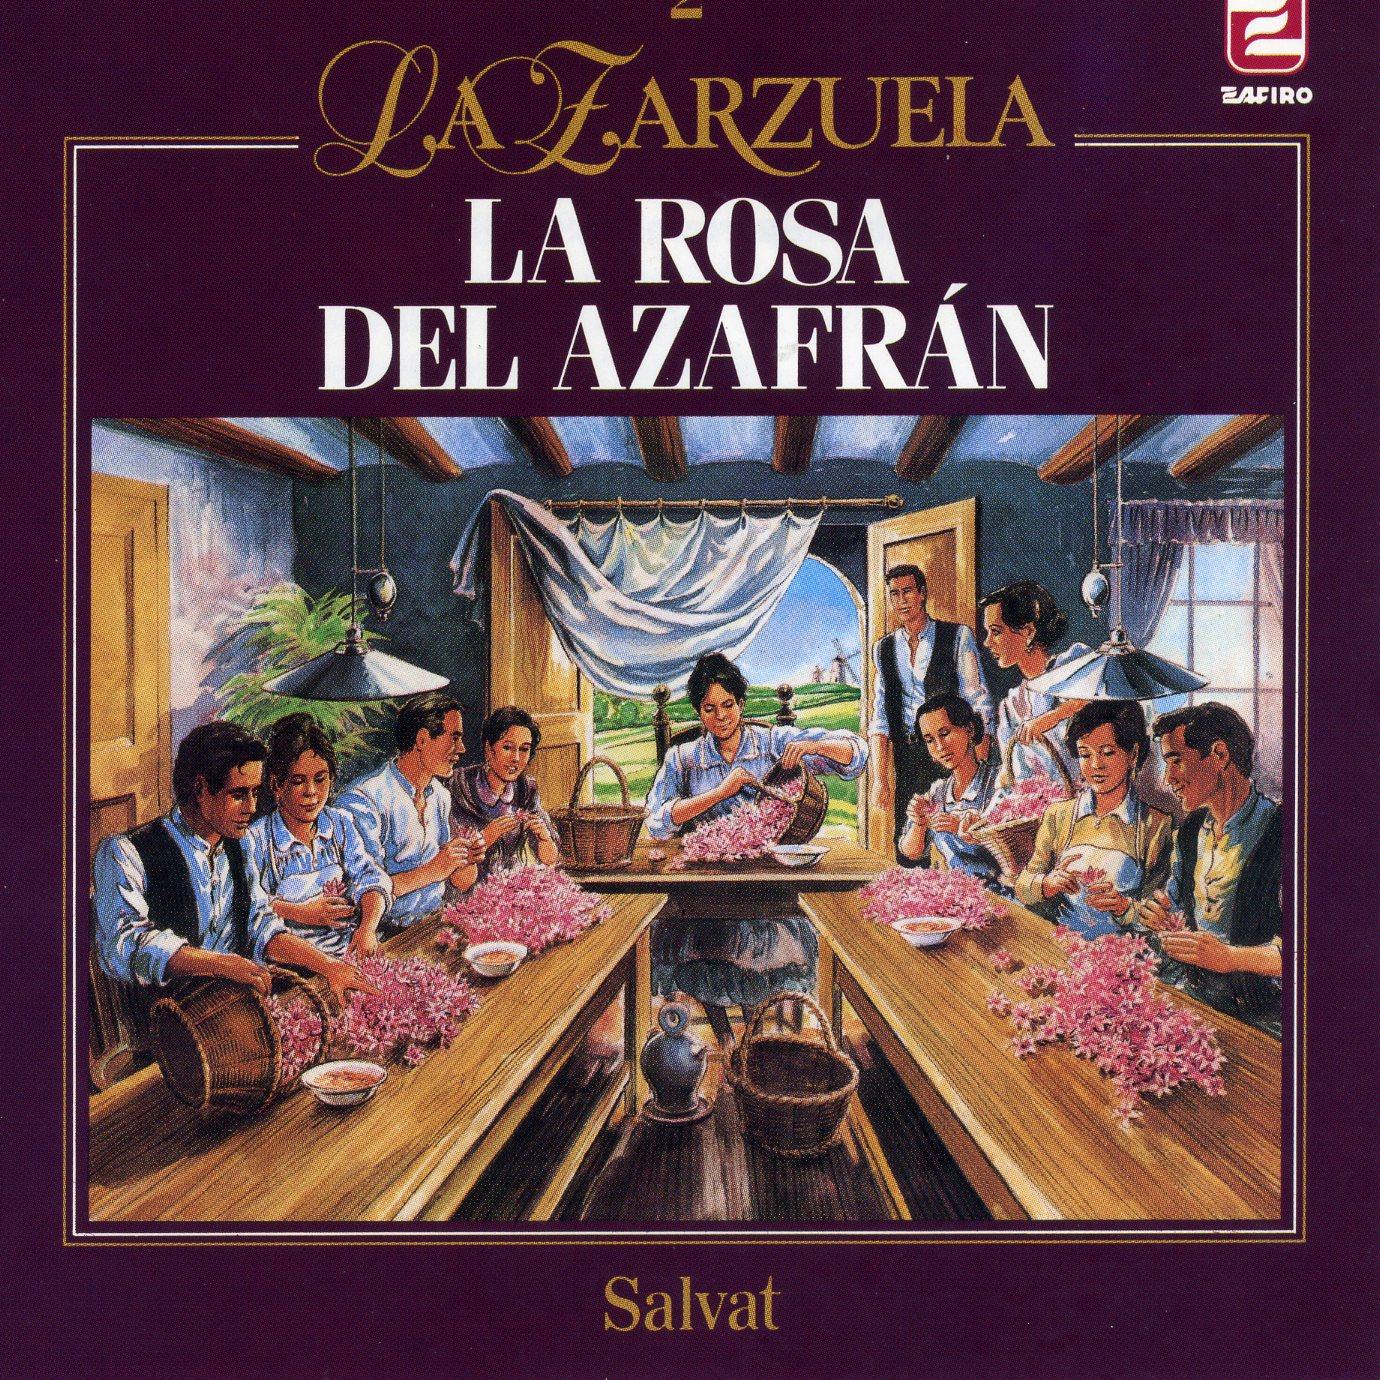 LA+ROSA+DEL+AZAFR%C3%81N+front.jpg